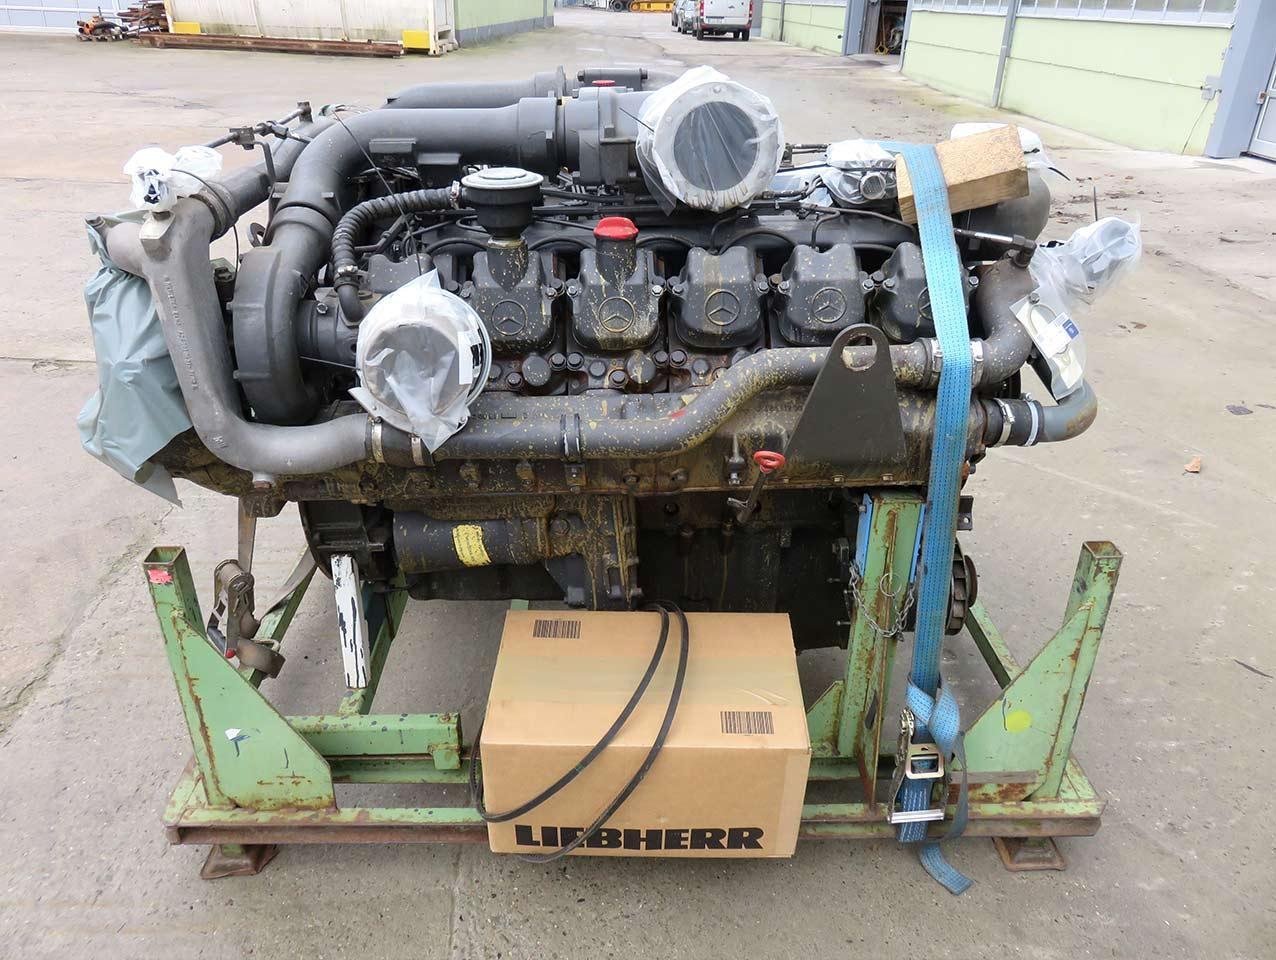 MERCEDES BENZ OM 444 LA V12 cylinder